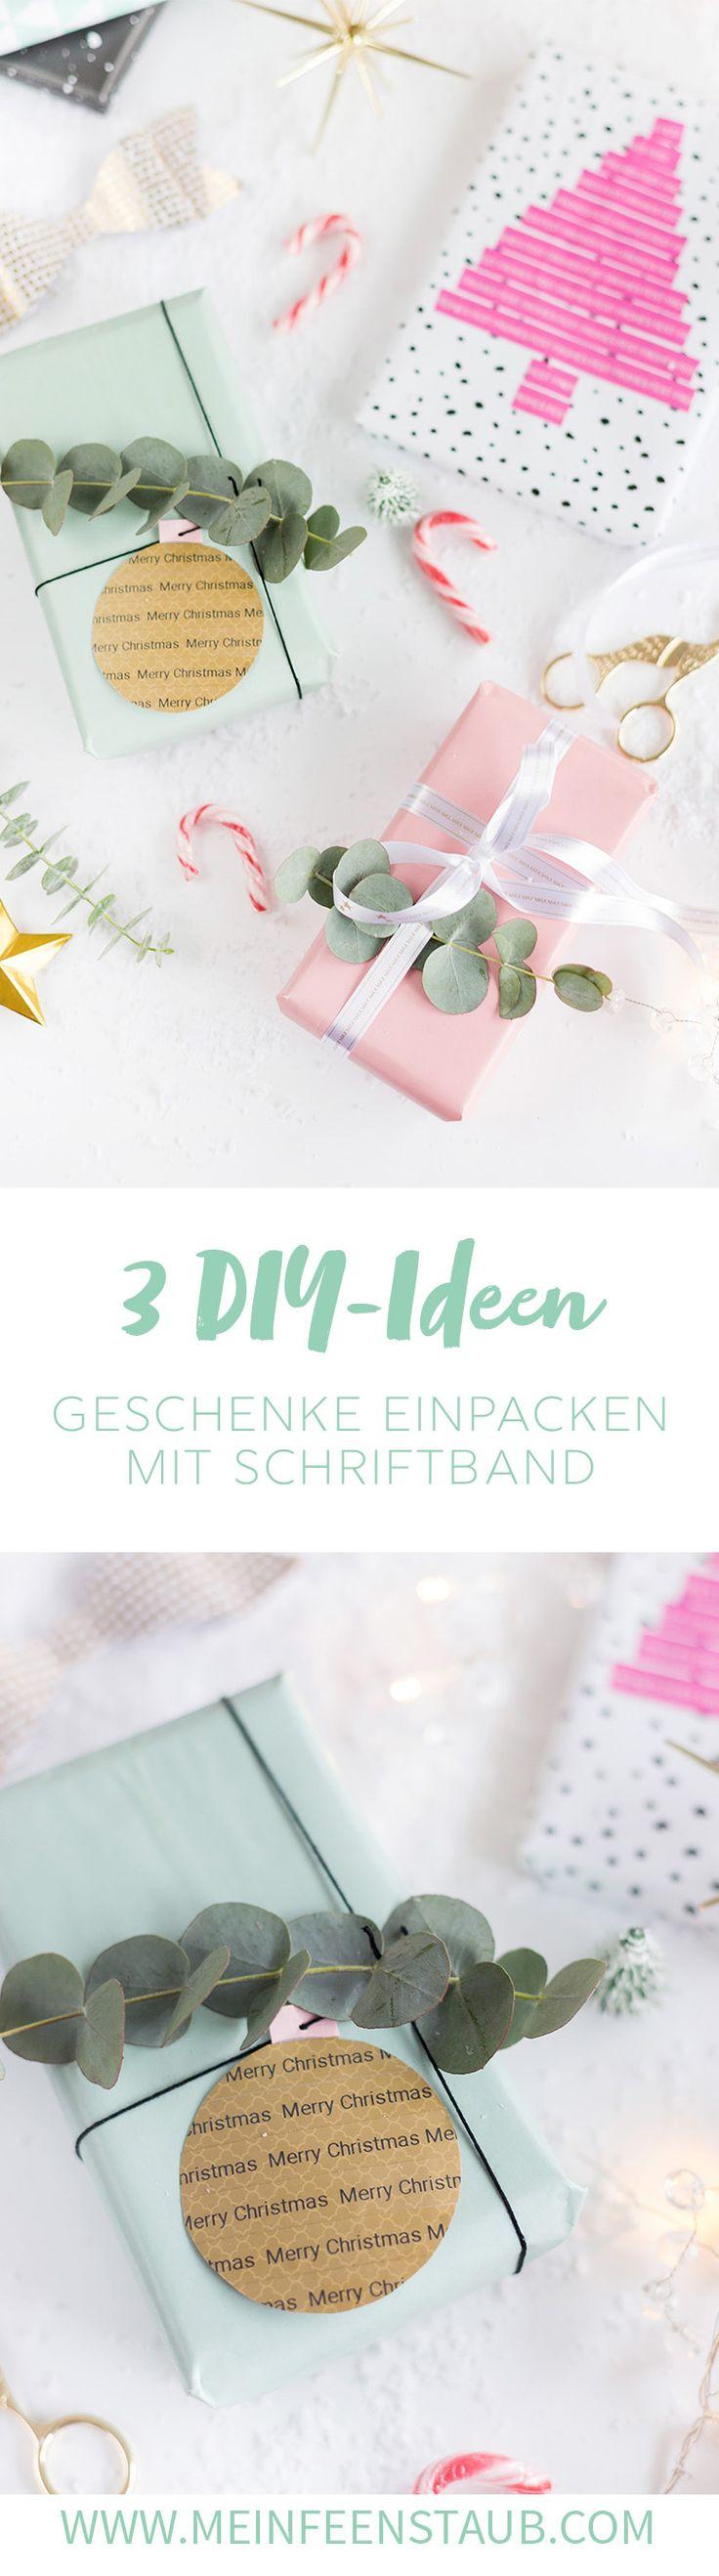 3 DIY Ideen zum Weihnachtsgeschenke verpacken mit Schriftband